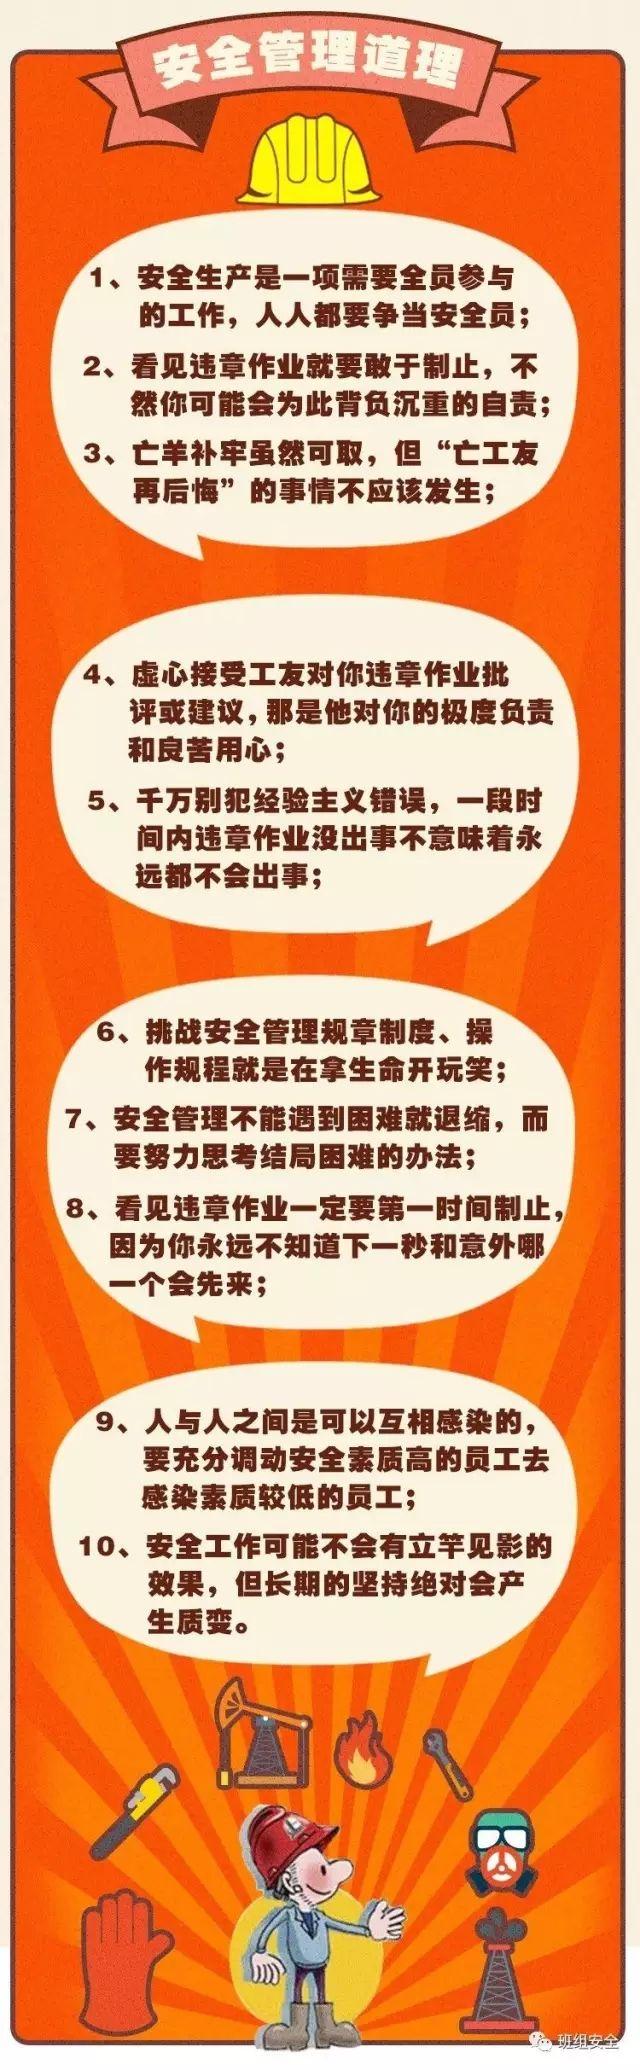 的 意味 道義 国際政治にも「道徳」はある。 国際的な「道徳」の意味と有効性とは? 下村建太 note